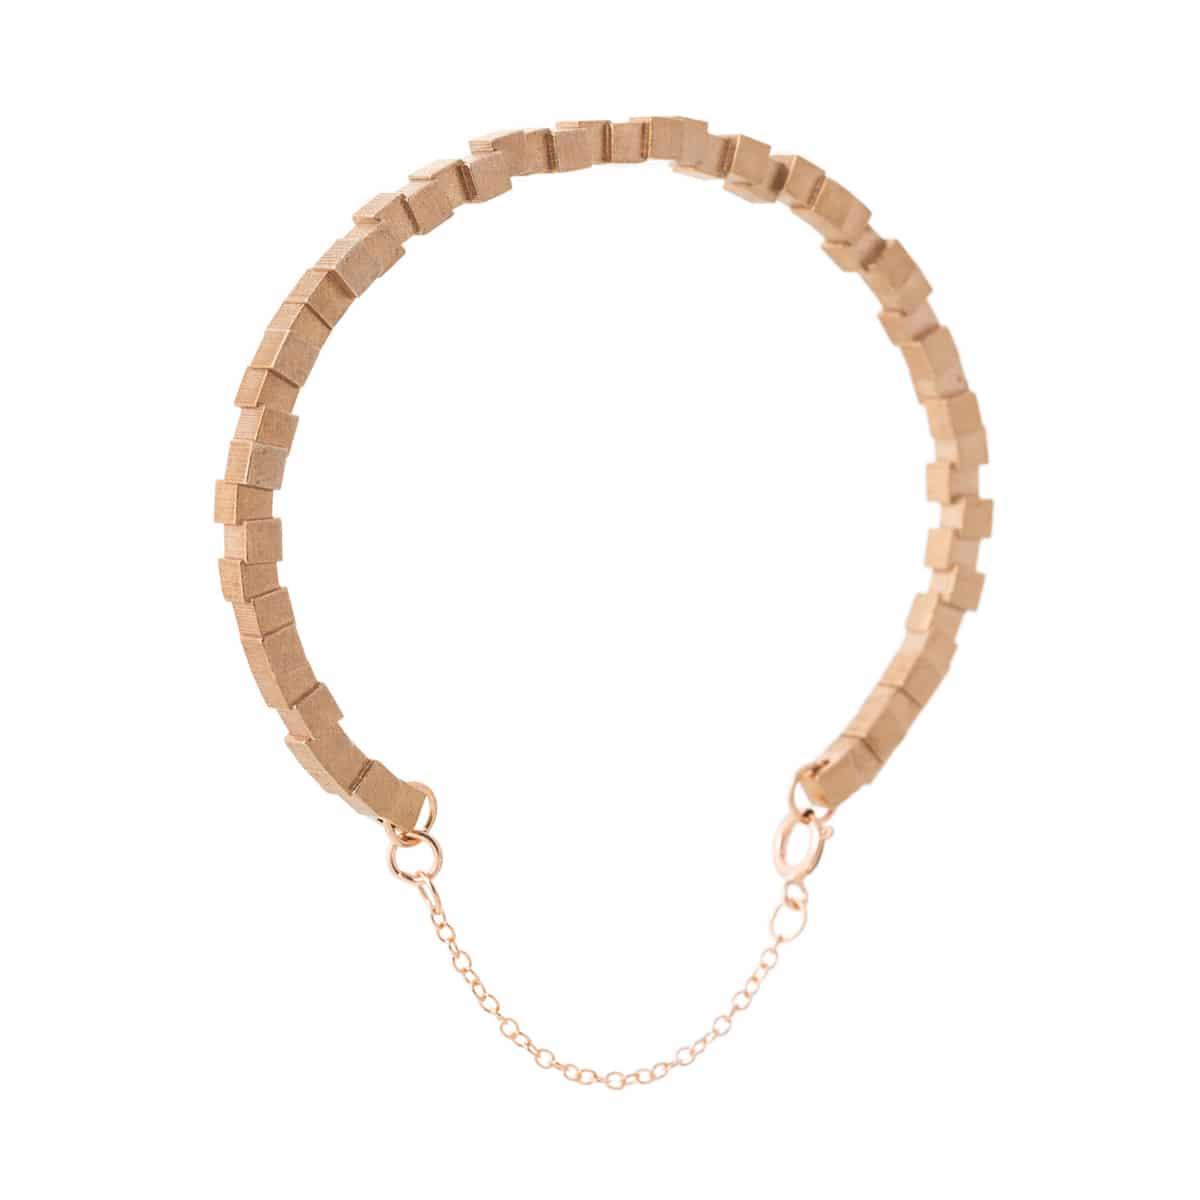 14-Cubii-bracelet-1.1-raw-bronze-1200px